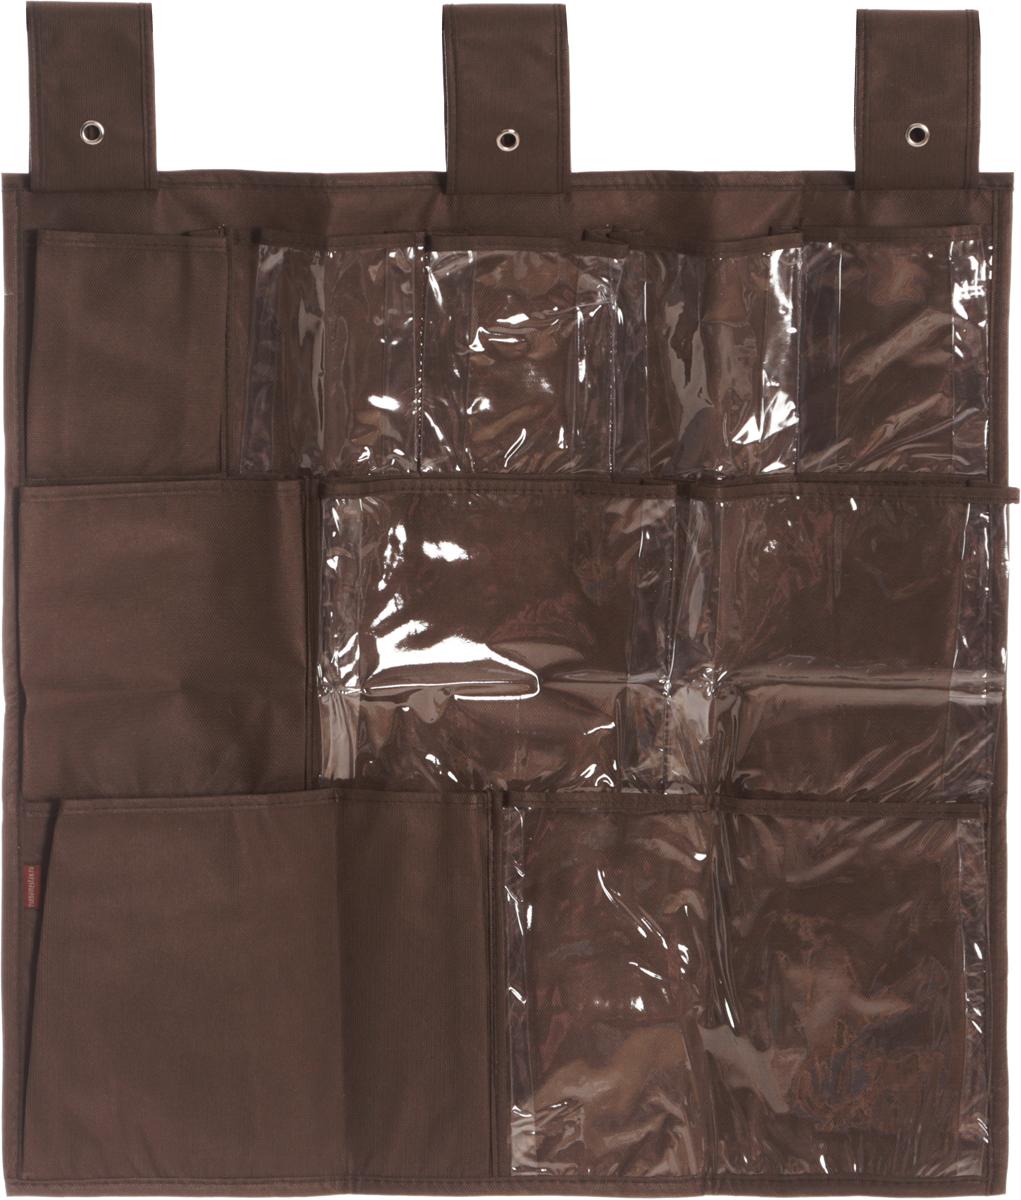 Органайзер для мелочей Все на местах Minimalistic, подвесной, цвет: коричневый, 10 карманов, 56 x 56 см531-401Подвесной органайзер Все на местах Minimalistic, изготовленный из ПВХ и спанбонда, предназначен для хранения необходимых вещей, множества мелочей в гардеробной, ванной комнате. Изделие оснащено 10 пришитыми кармашками. Крепится органайзер на широкие лямки на липучках.Этот нужный предмет может стать одновременно и декоративным элементом комнаты. Яркий дизайн, как ничто иное, способен оживить интерьер вашего дома. Размер органайзера: 56 х 56 см.